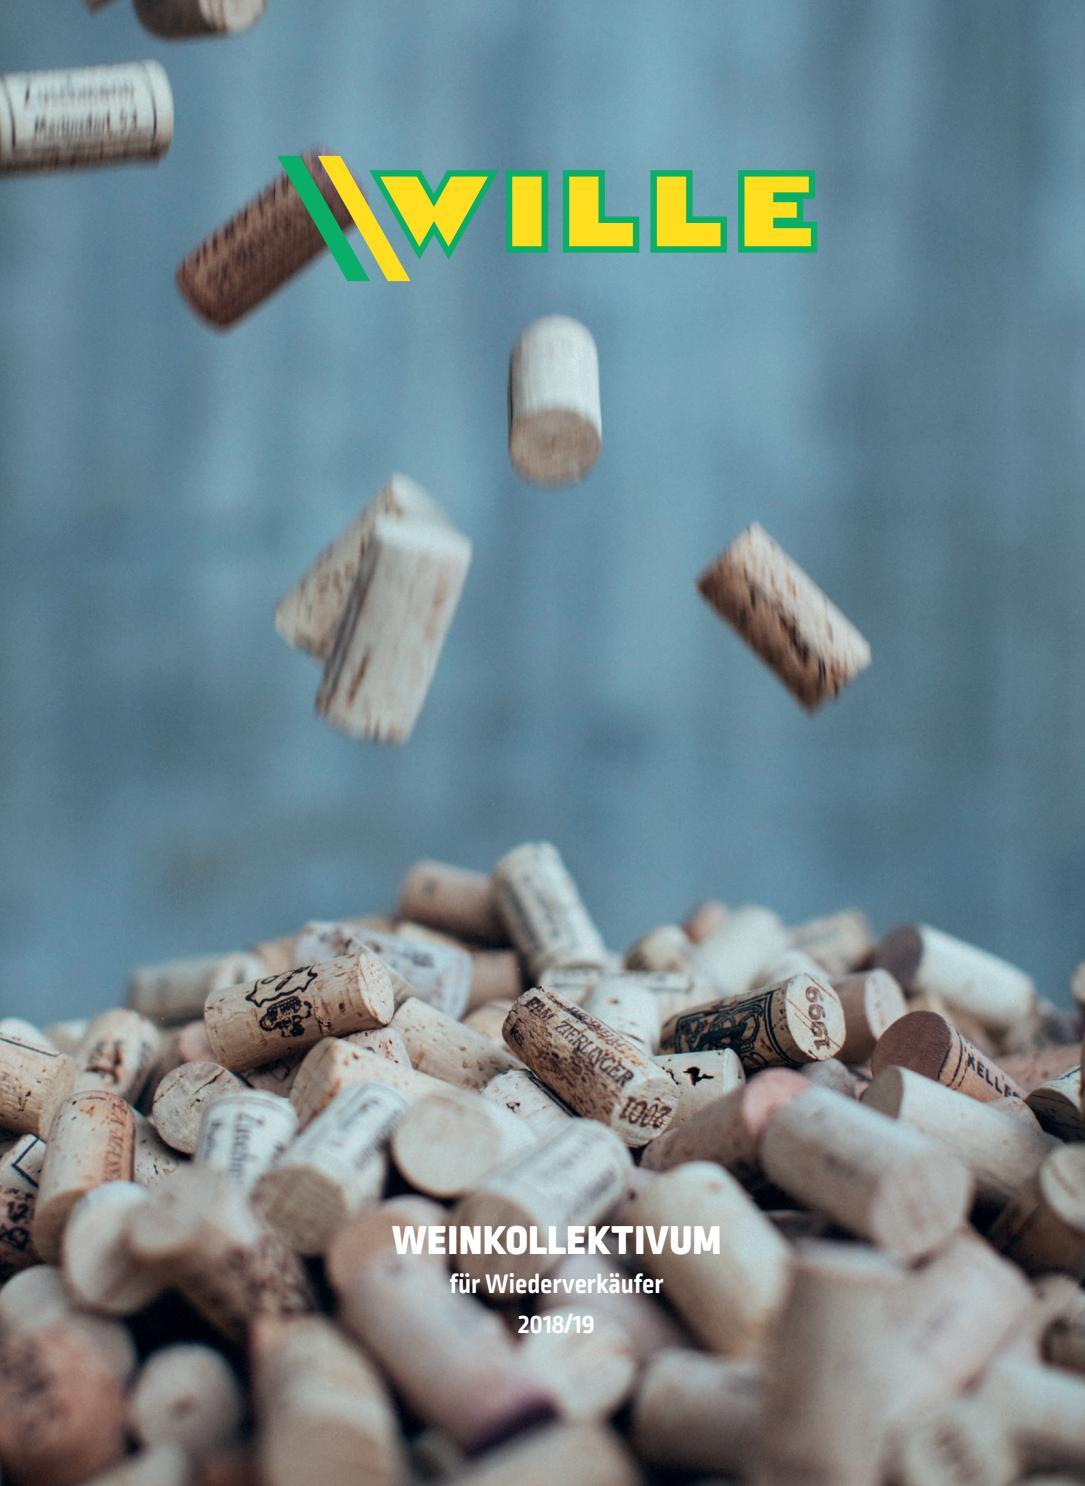 GETRÄNKE WILLE – Weinkollektivum 2018/19 by Werbezimmer - issuu